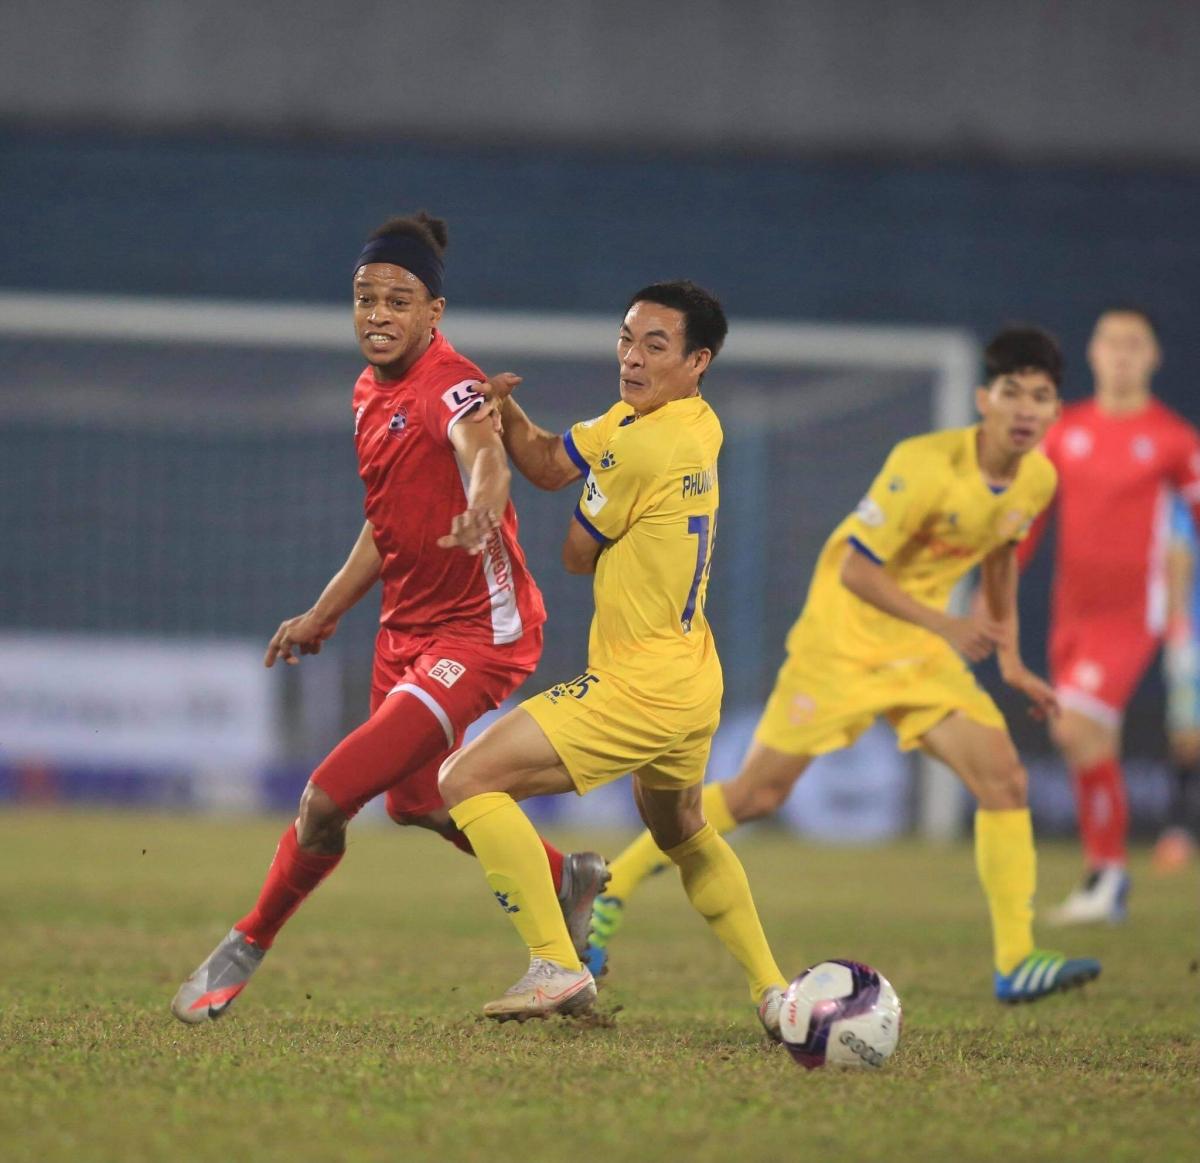 Hàng thủ Nam Định chơi không tốt ở trận này. (Ảnh: Minh Hoàng)